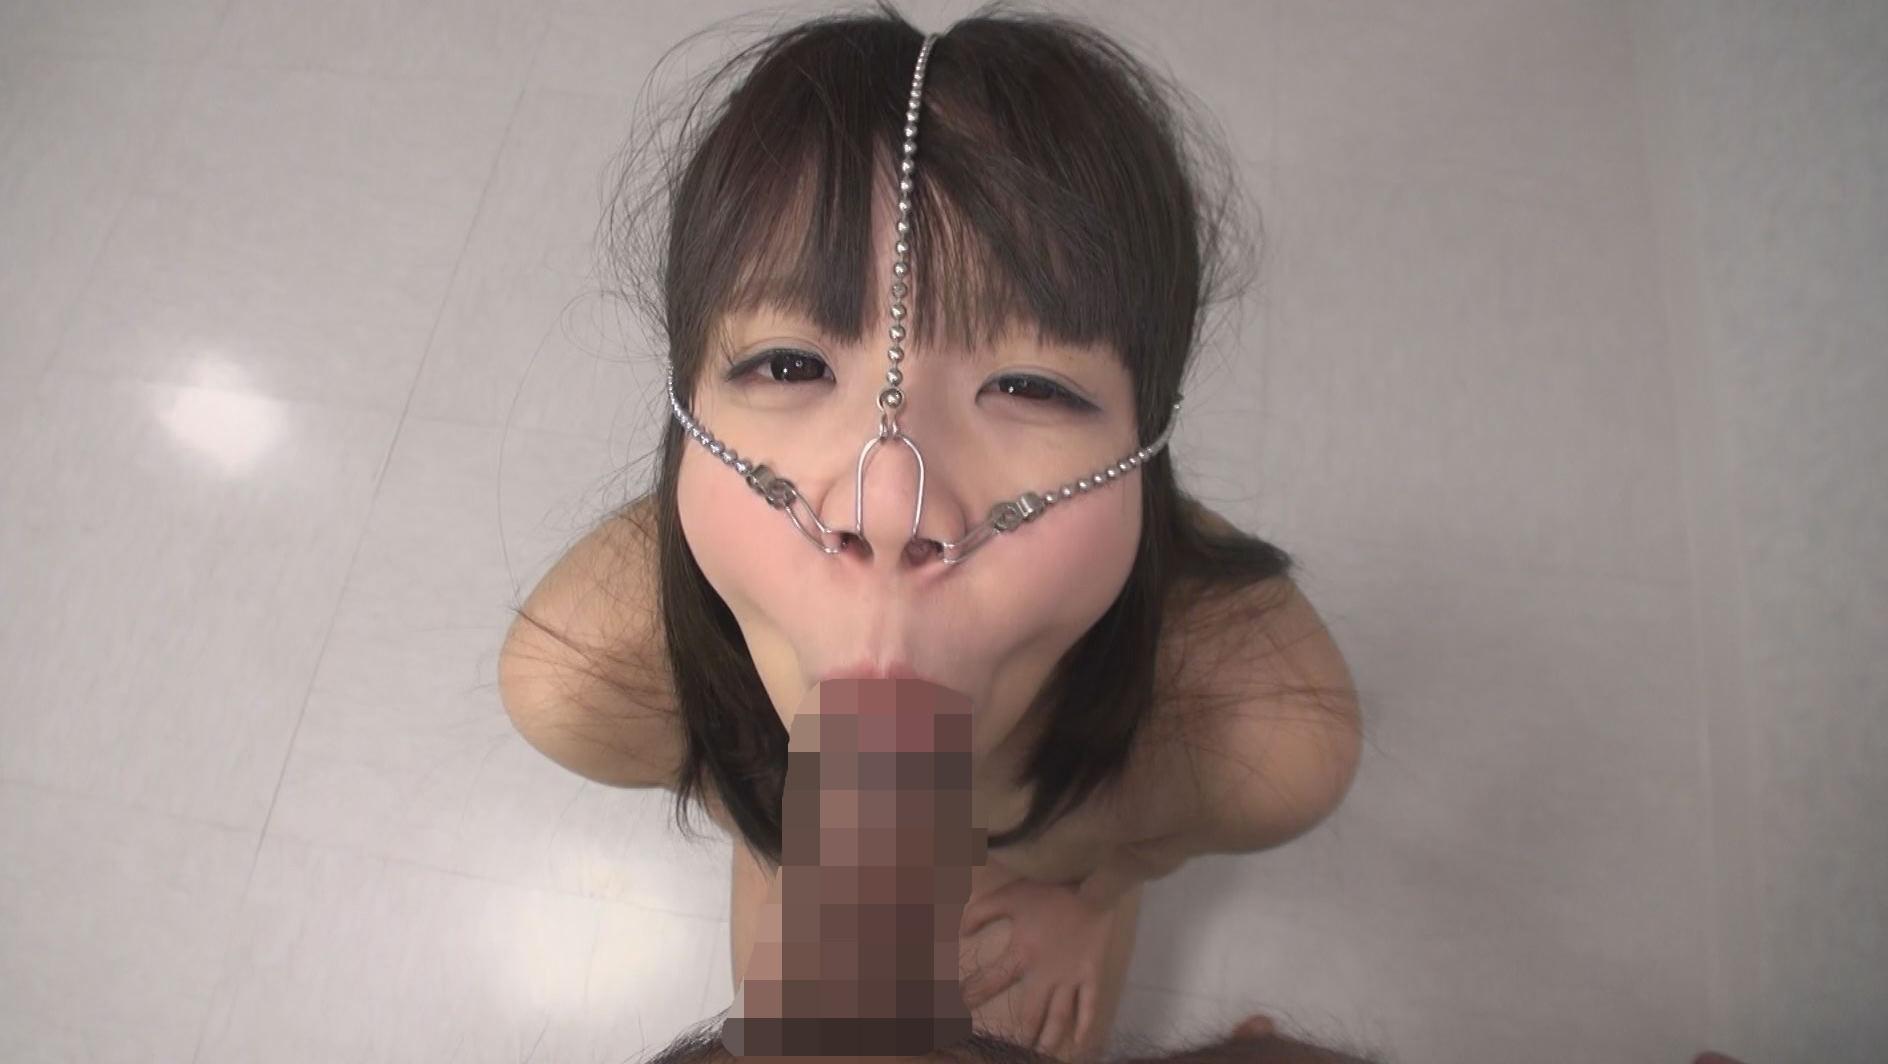 美顔羞恥 豚鼻フェラ 画像19